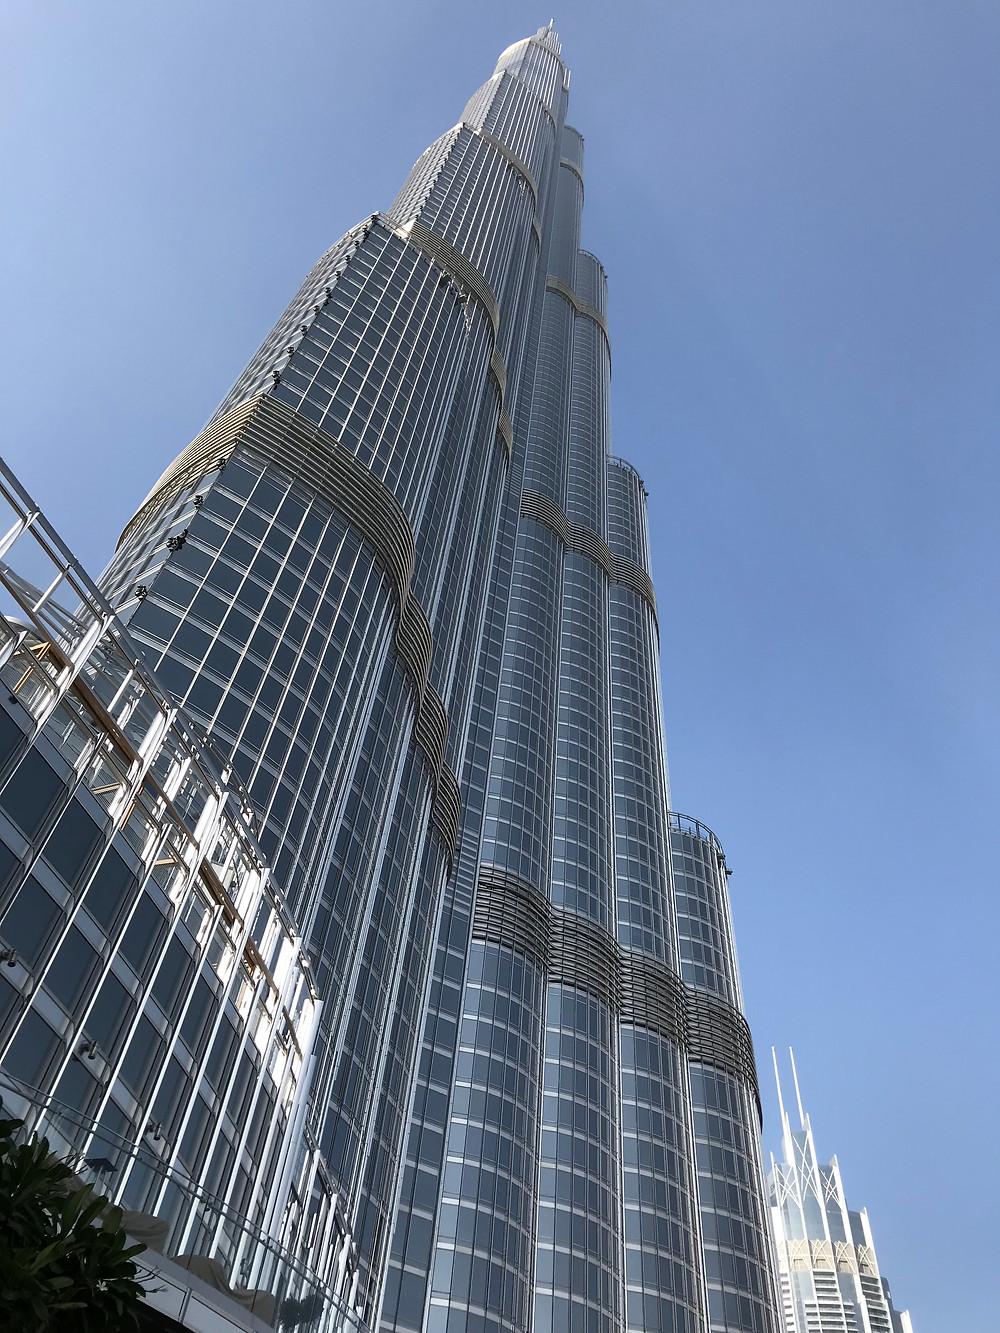 © Photo Pascal Jacob - 01/02/2018 - Burj Khalifa Dubaï - 848m